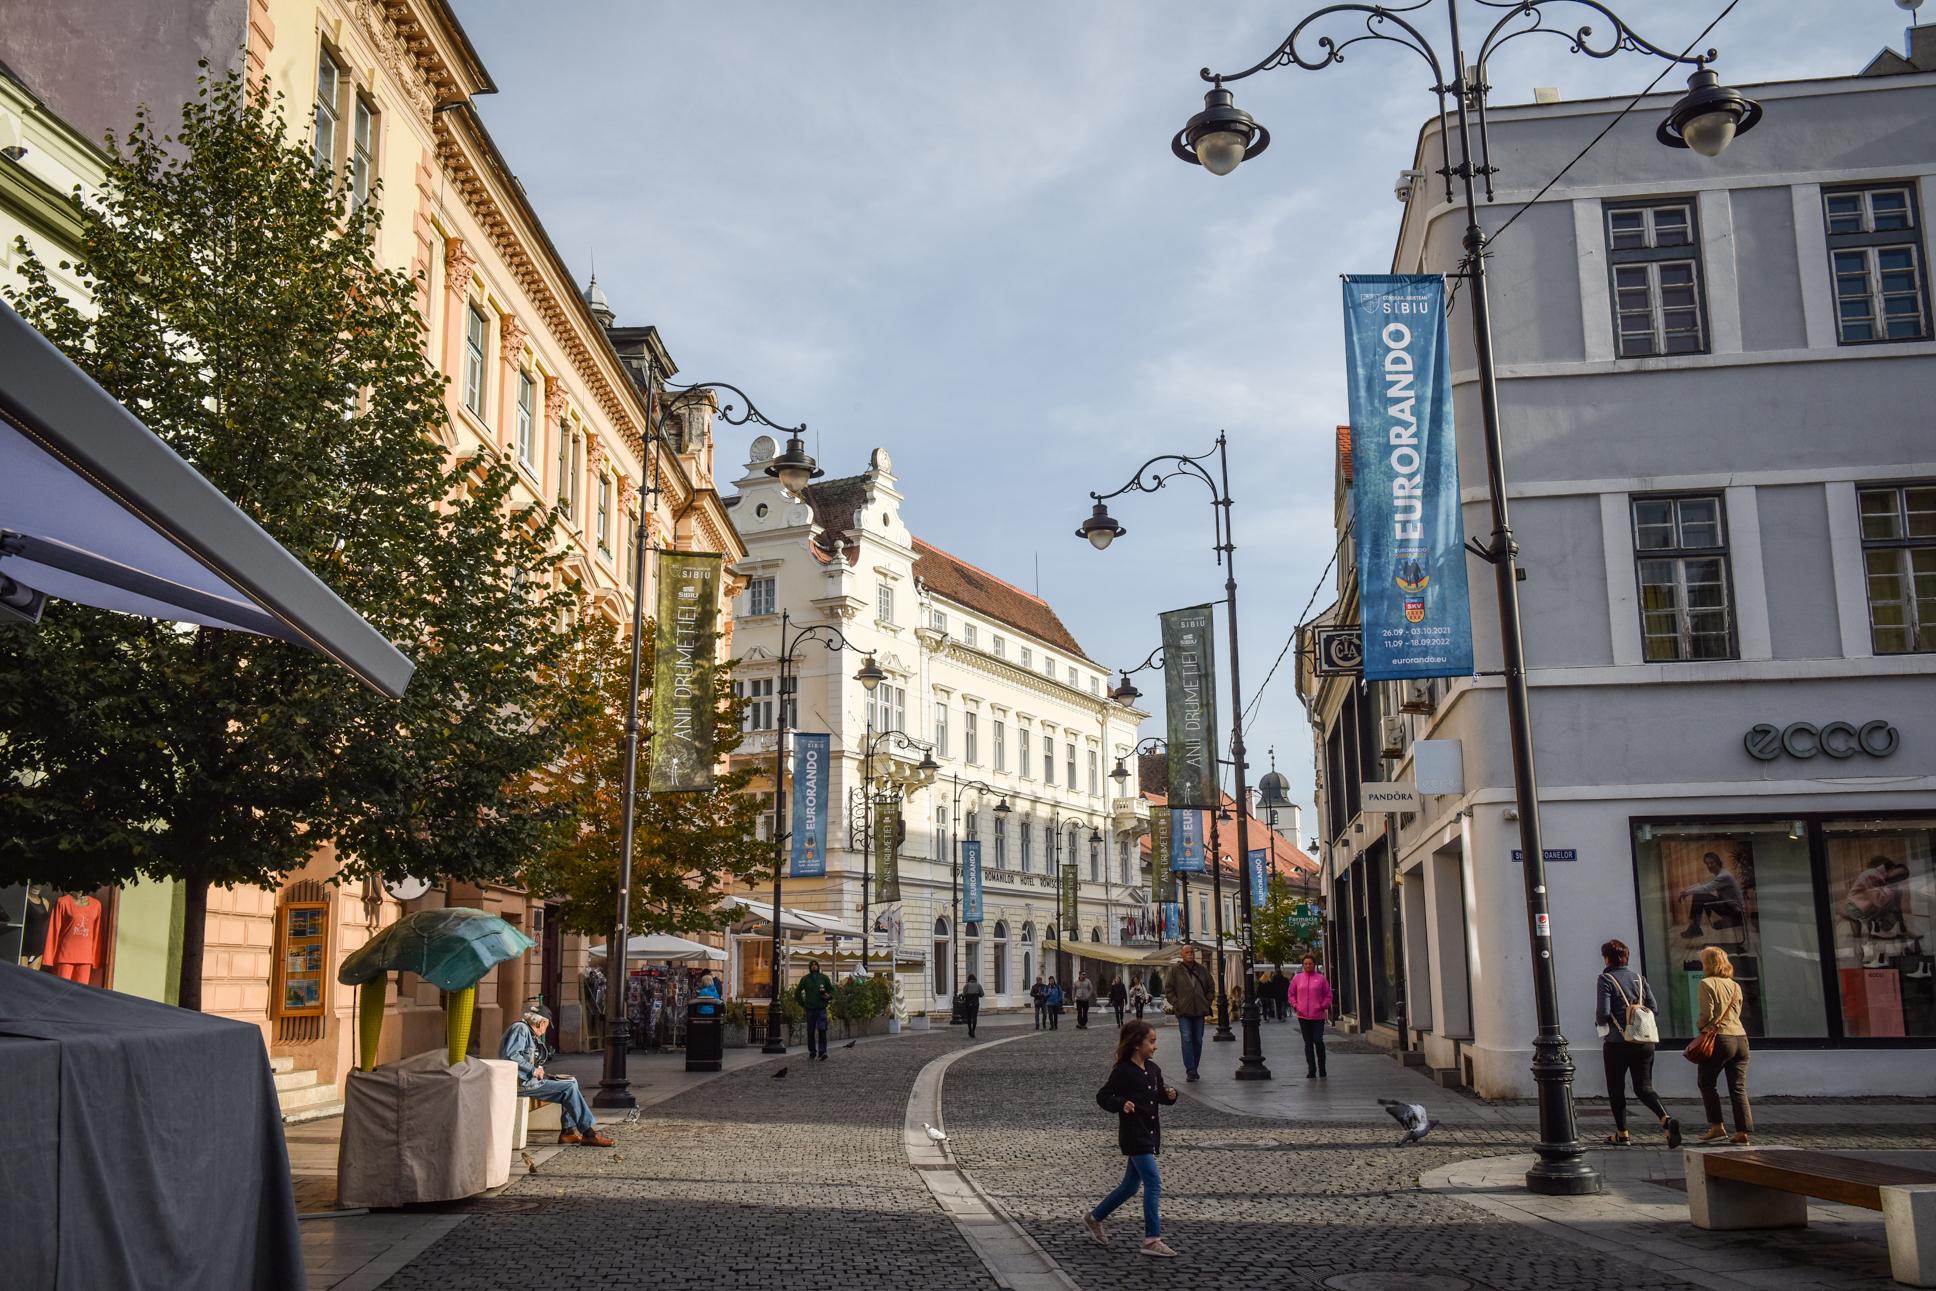 3,77 - incidența crește rapid în Sibiu, cu 641 de cazuri active. Orașul are cea mai ridicată rată de infectare din județ